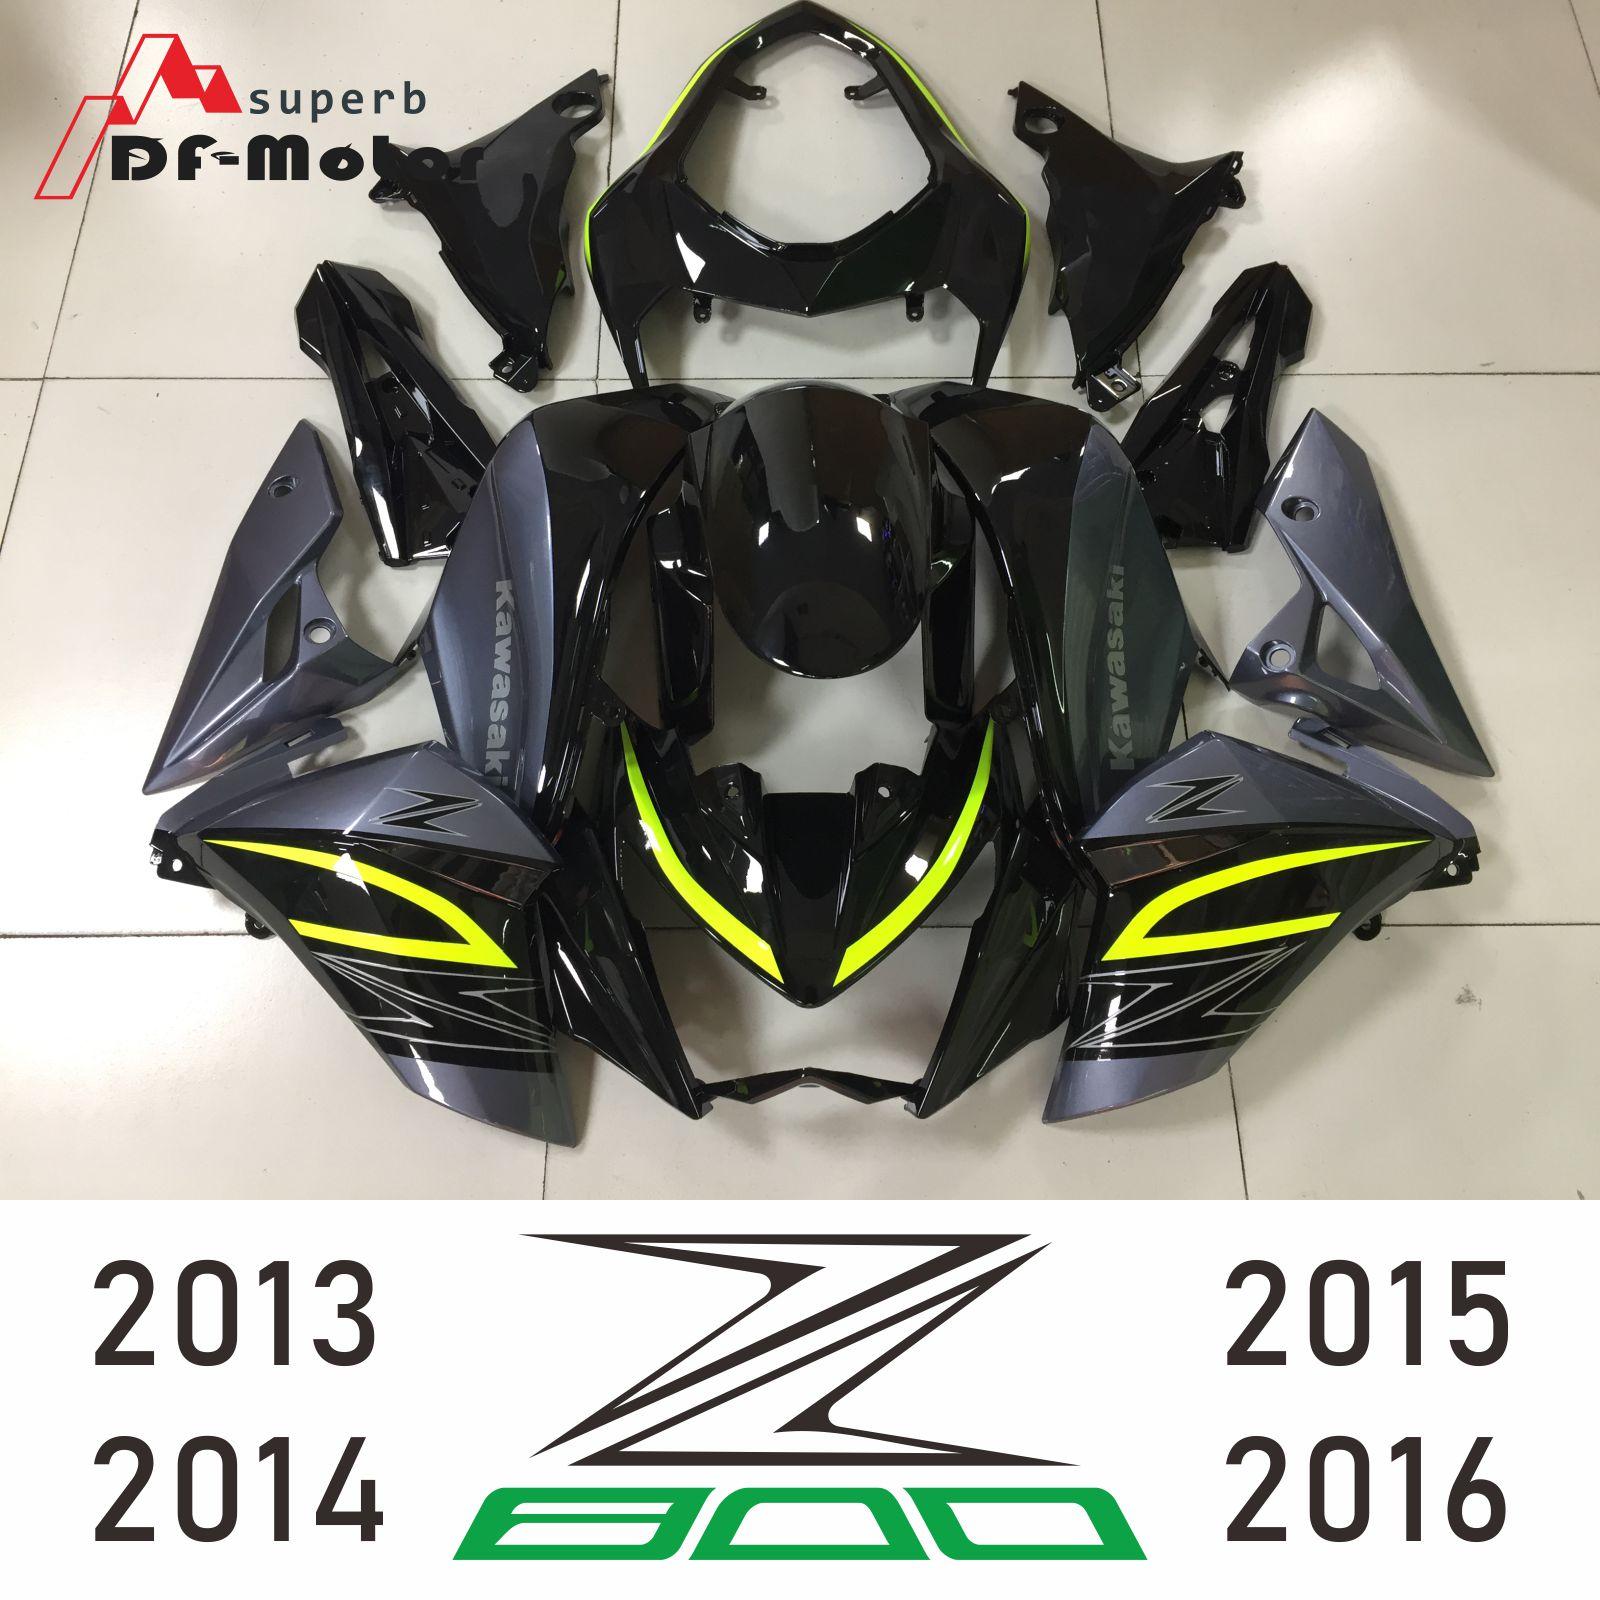 Para kawasaki z800 2013 2014 2015 2016 Z-800 13 14 15 16 carroçaria aftermarket carenagem da motocicleta (moldagem por injeção)